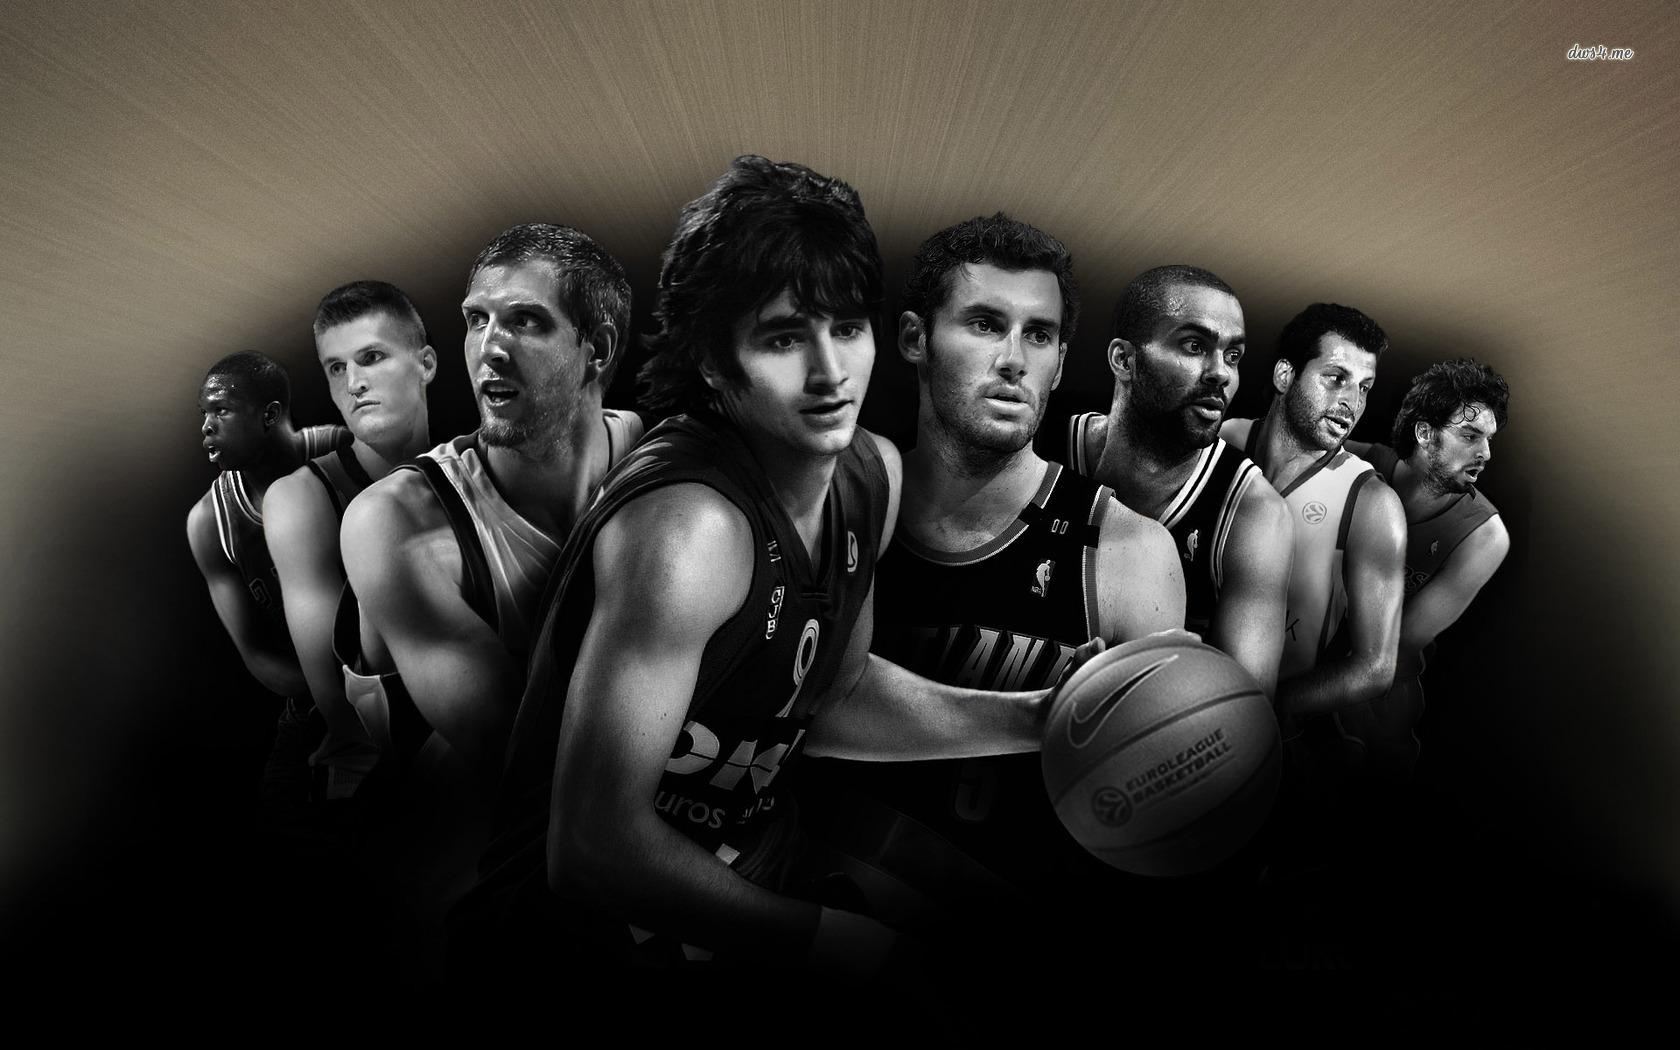 Basketball team Europe wallpaper   Sport wallpapers   7383 1680x1050